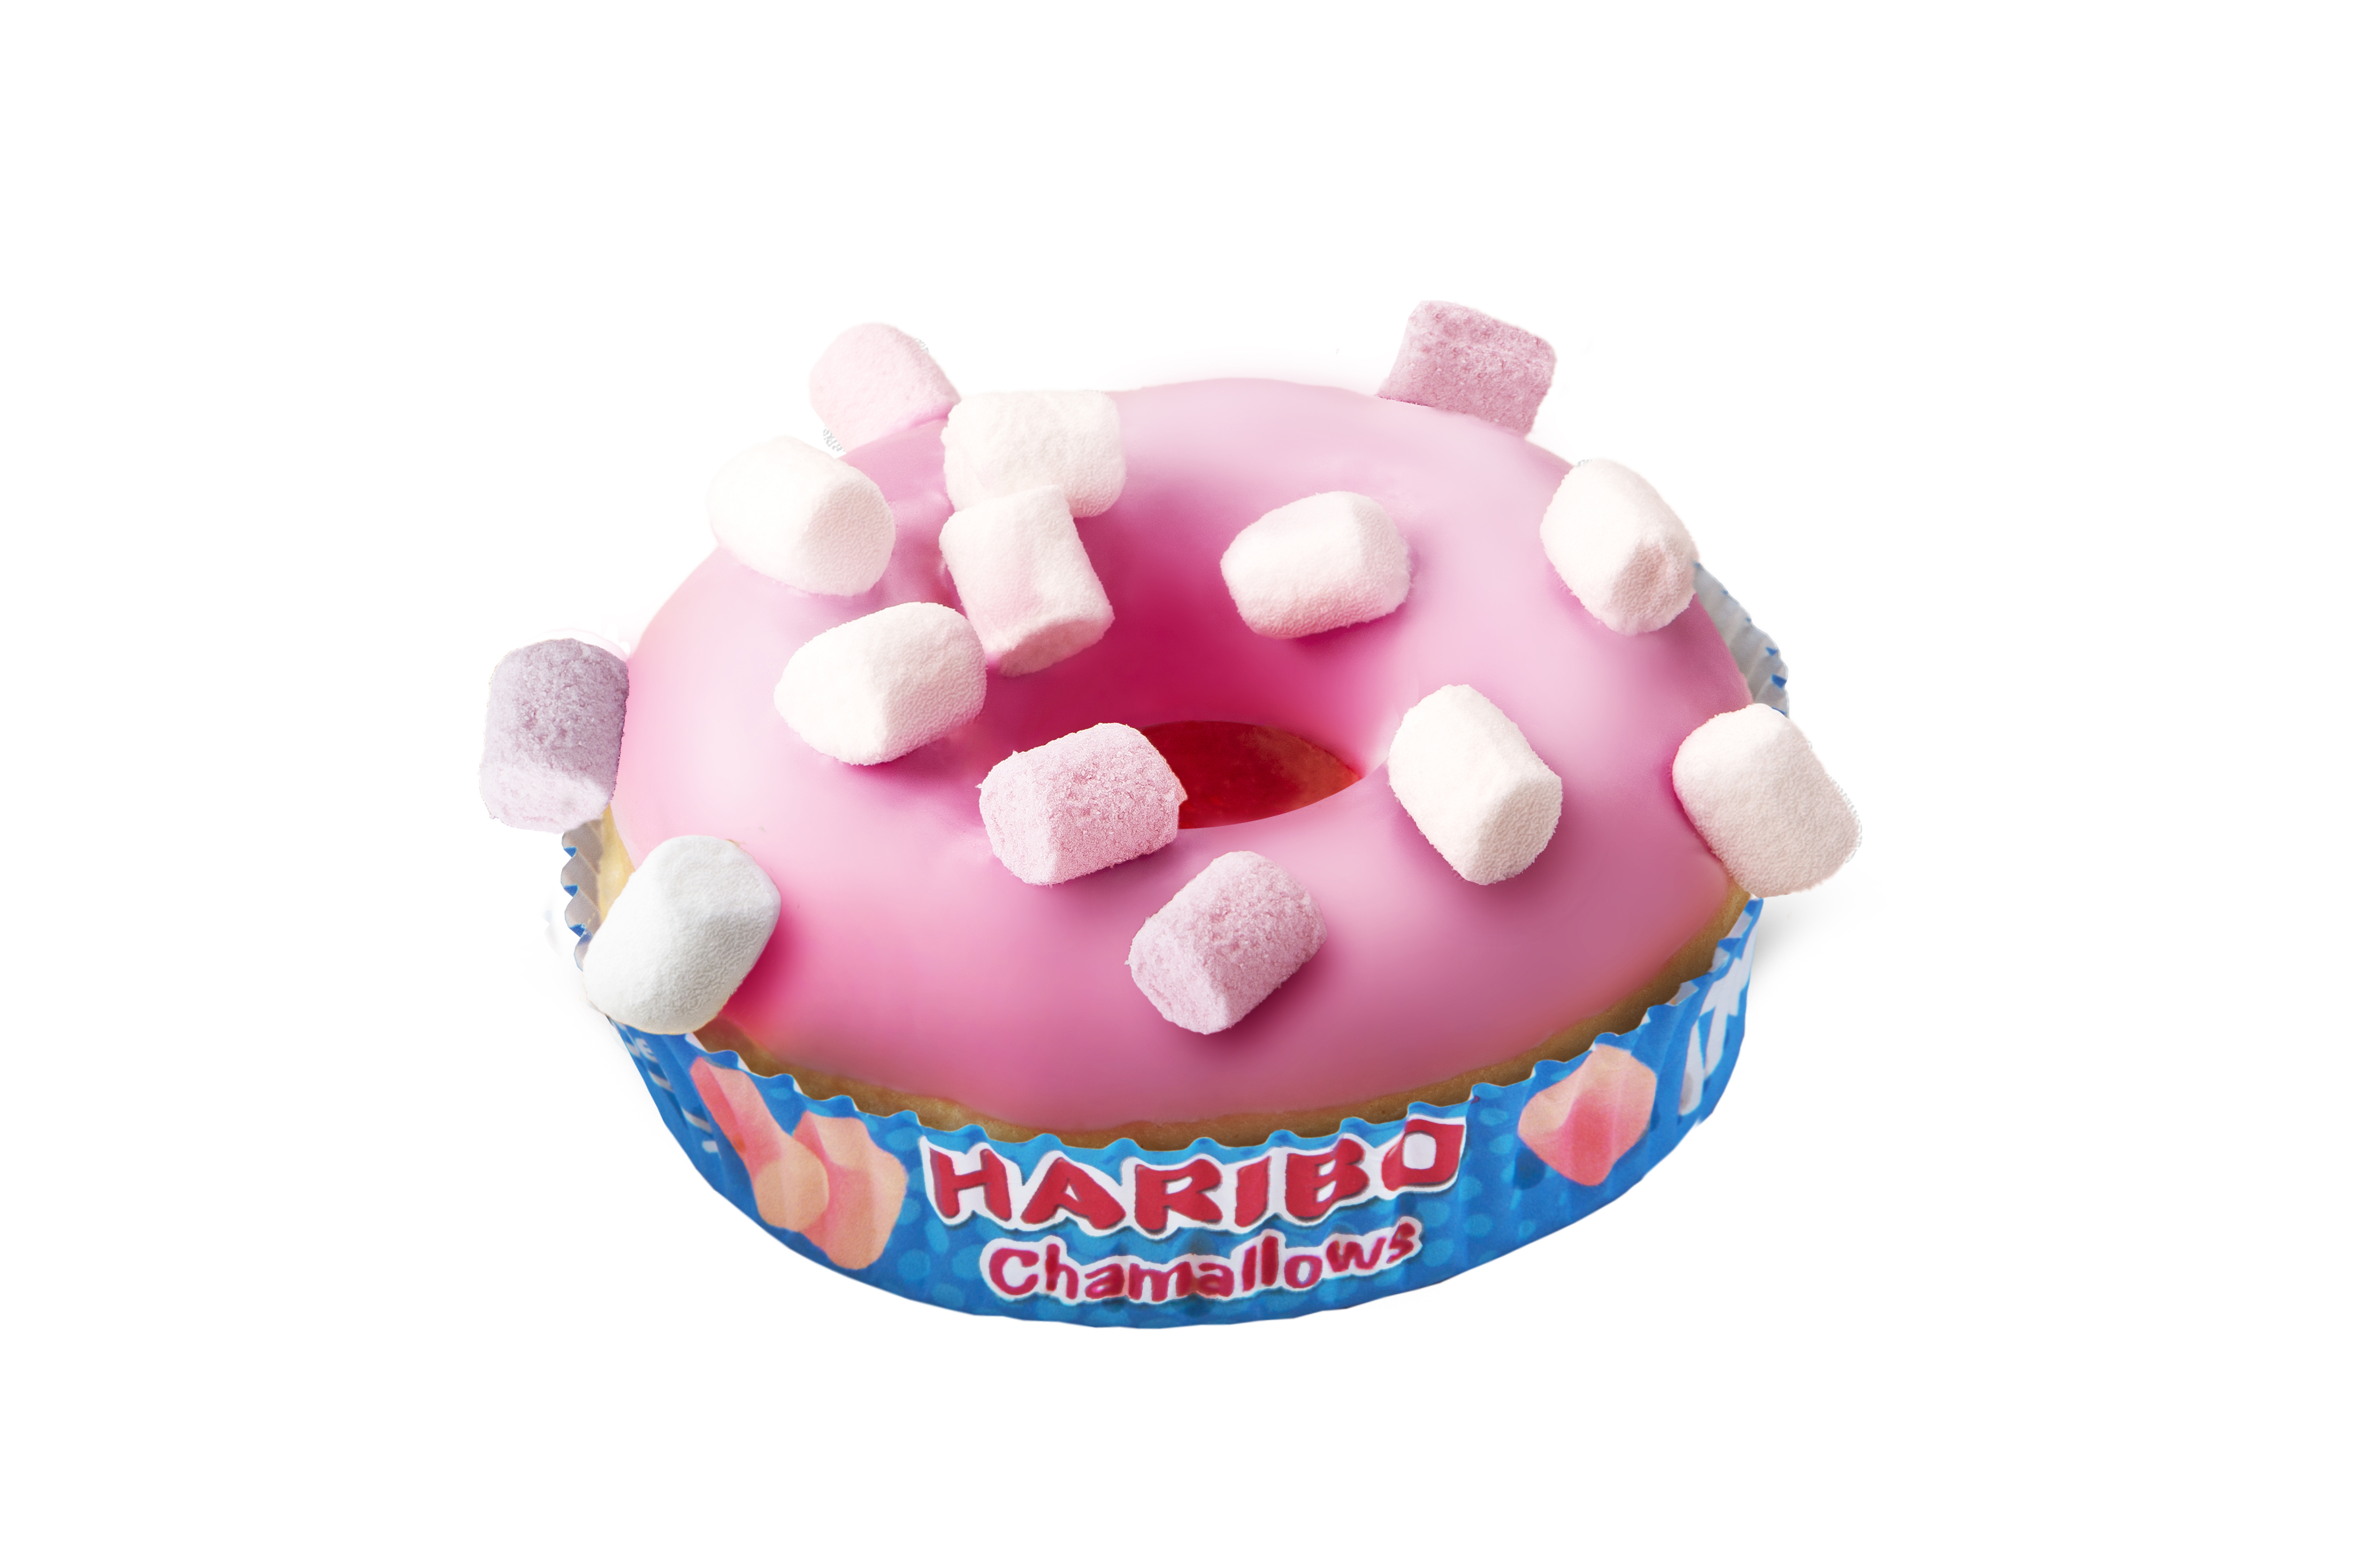 Donut z piankami Haribo Chamallows